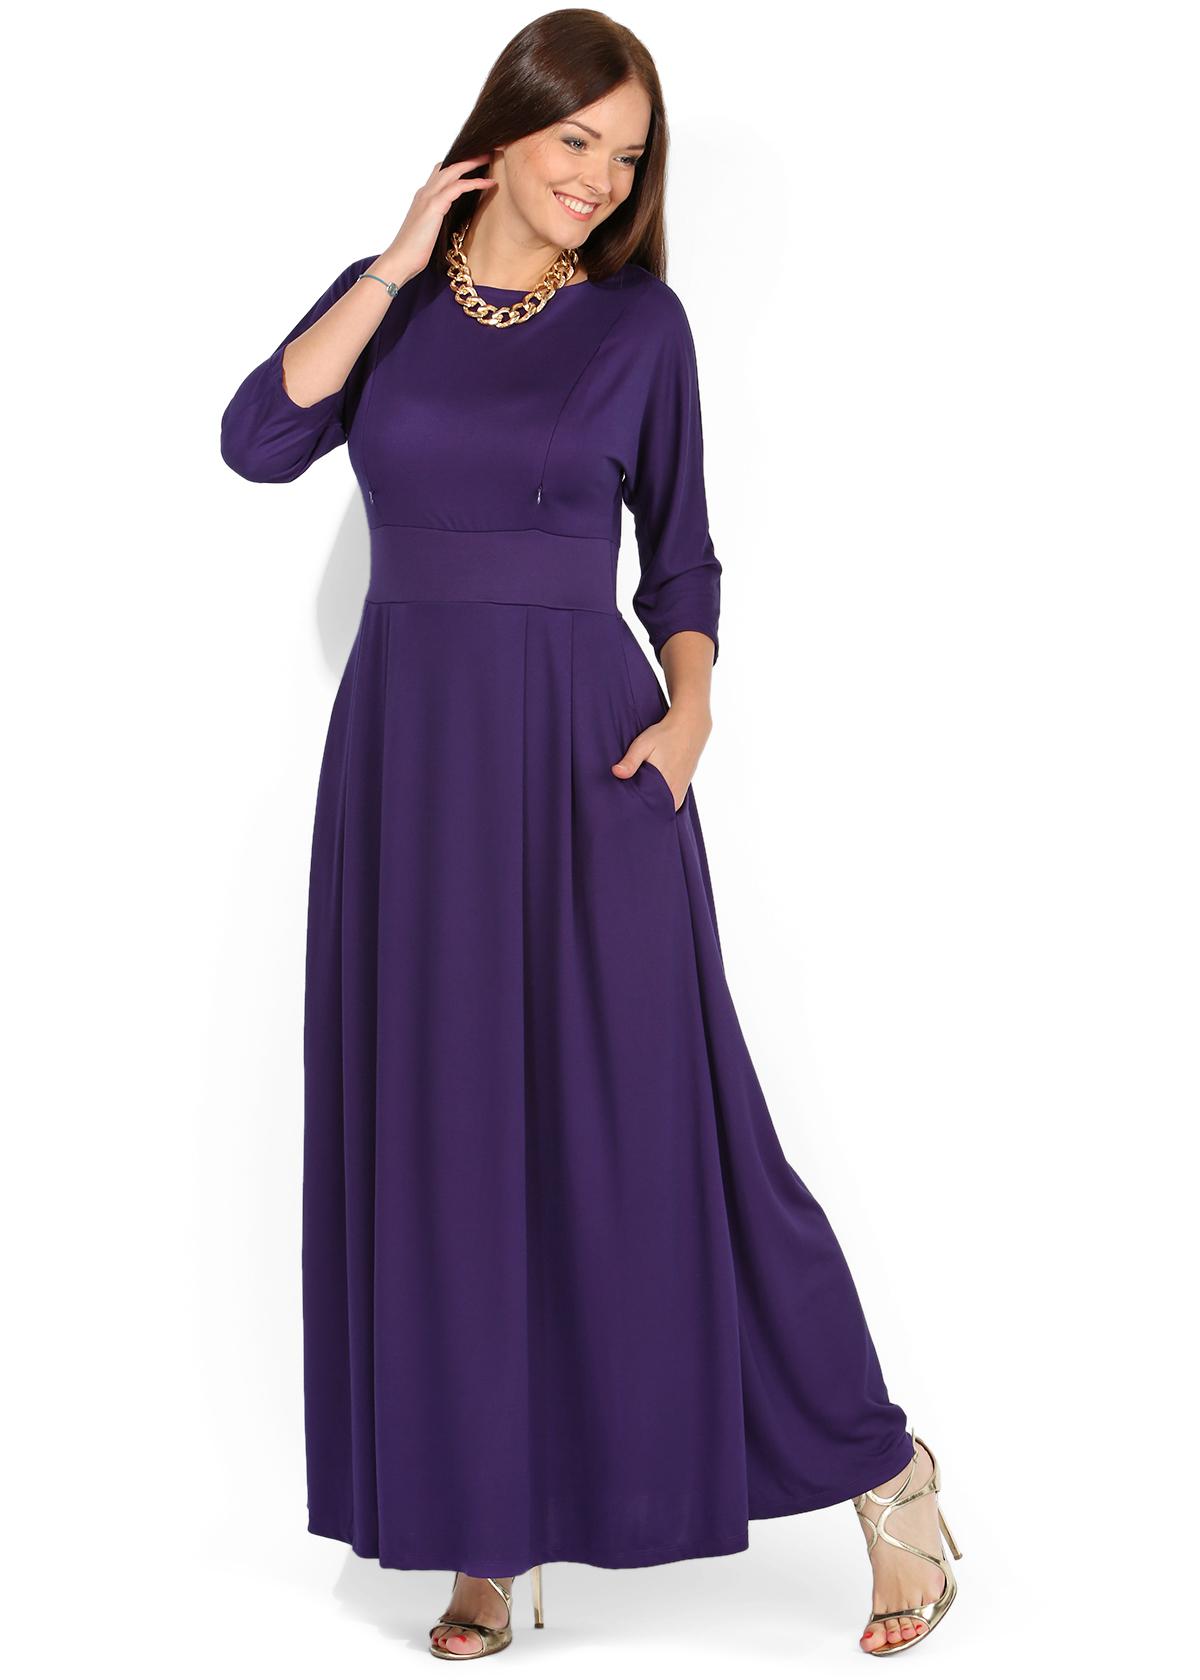 Купить одежду для беременных и кормления в Минске, Платье для кормящих  грудью мам ПВ13. b5e4b3a85ba